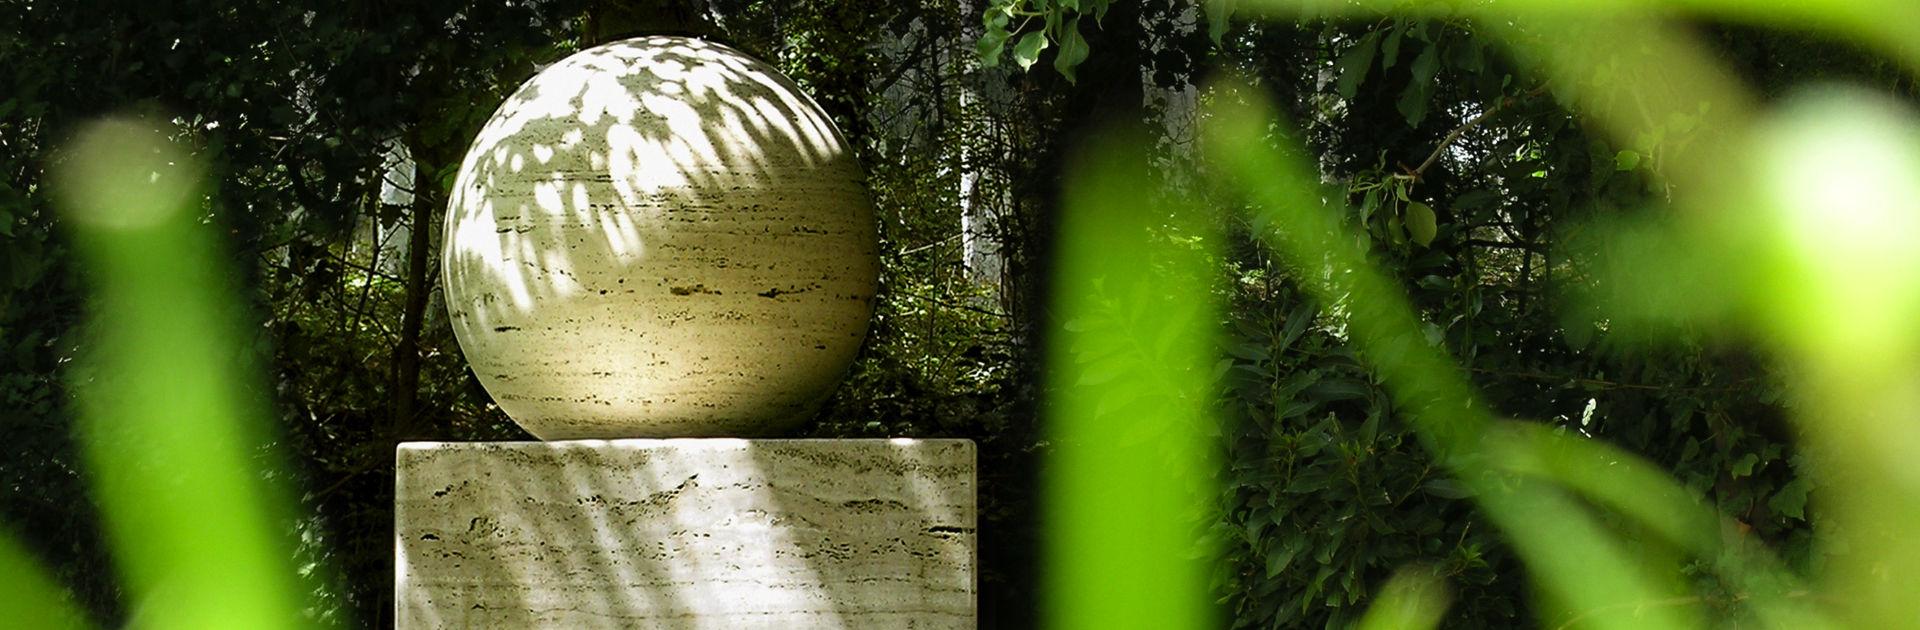 Künstler Johann Wolfgang von Goethe im Giardino di Daniel Spoerri